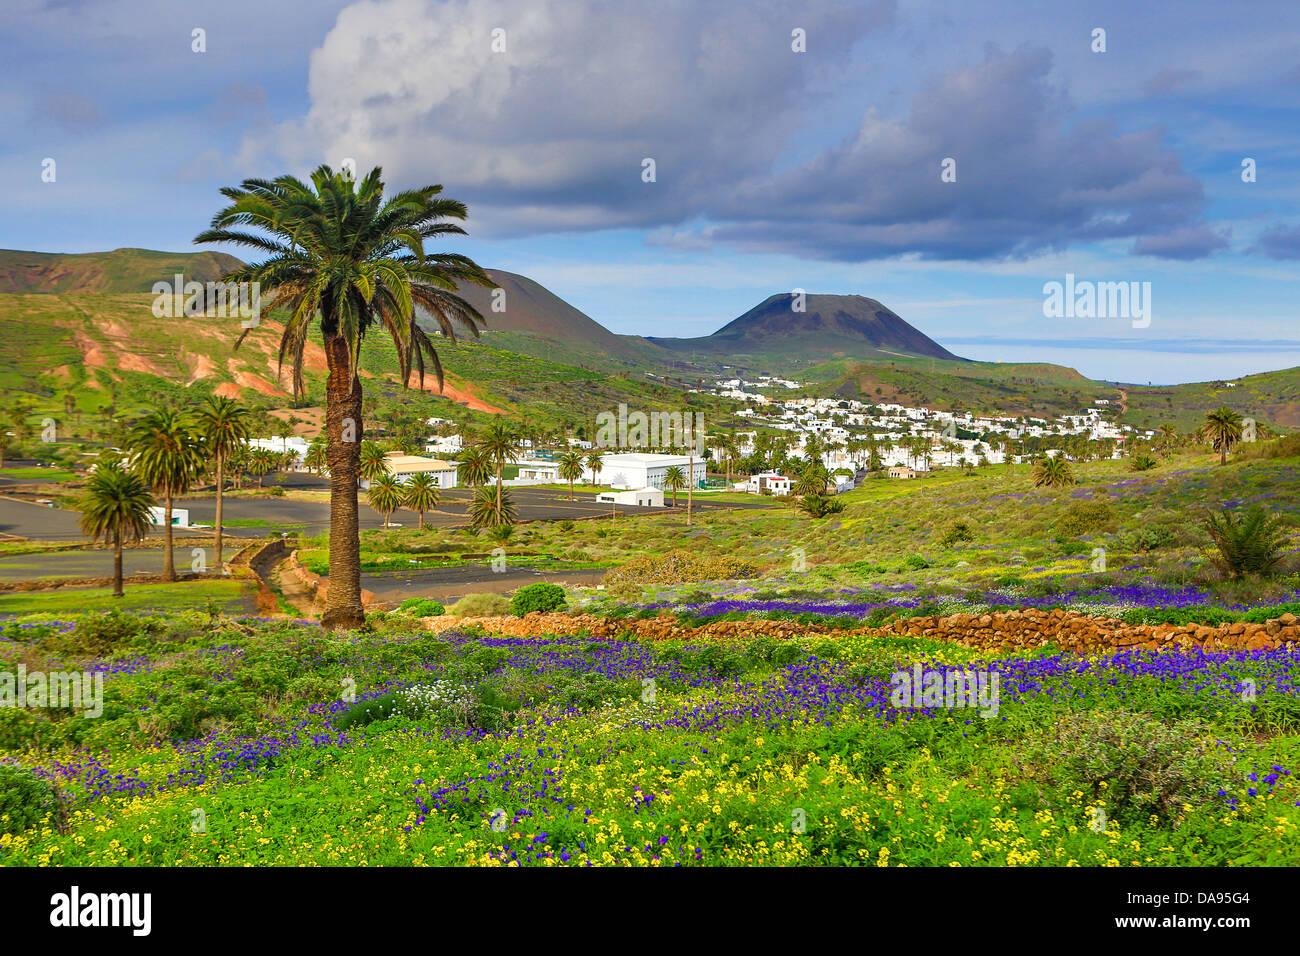 Spanien, Europa, Kanarische Inseln, Haria, Lanzarote, Mague, Dorf, Landwirtschaft, bunt, Blumen, Insel, Landschaft, Stockbild